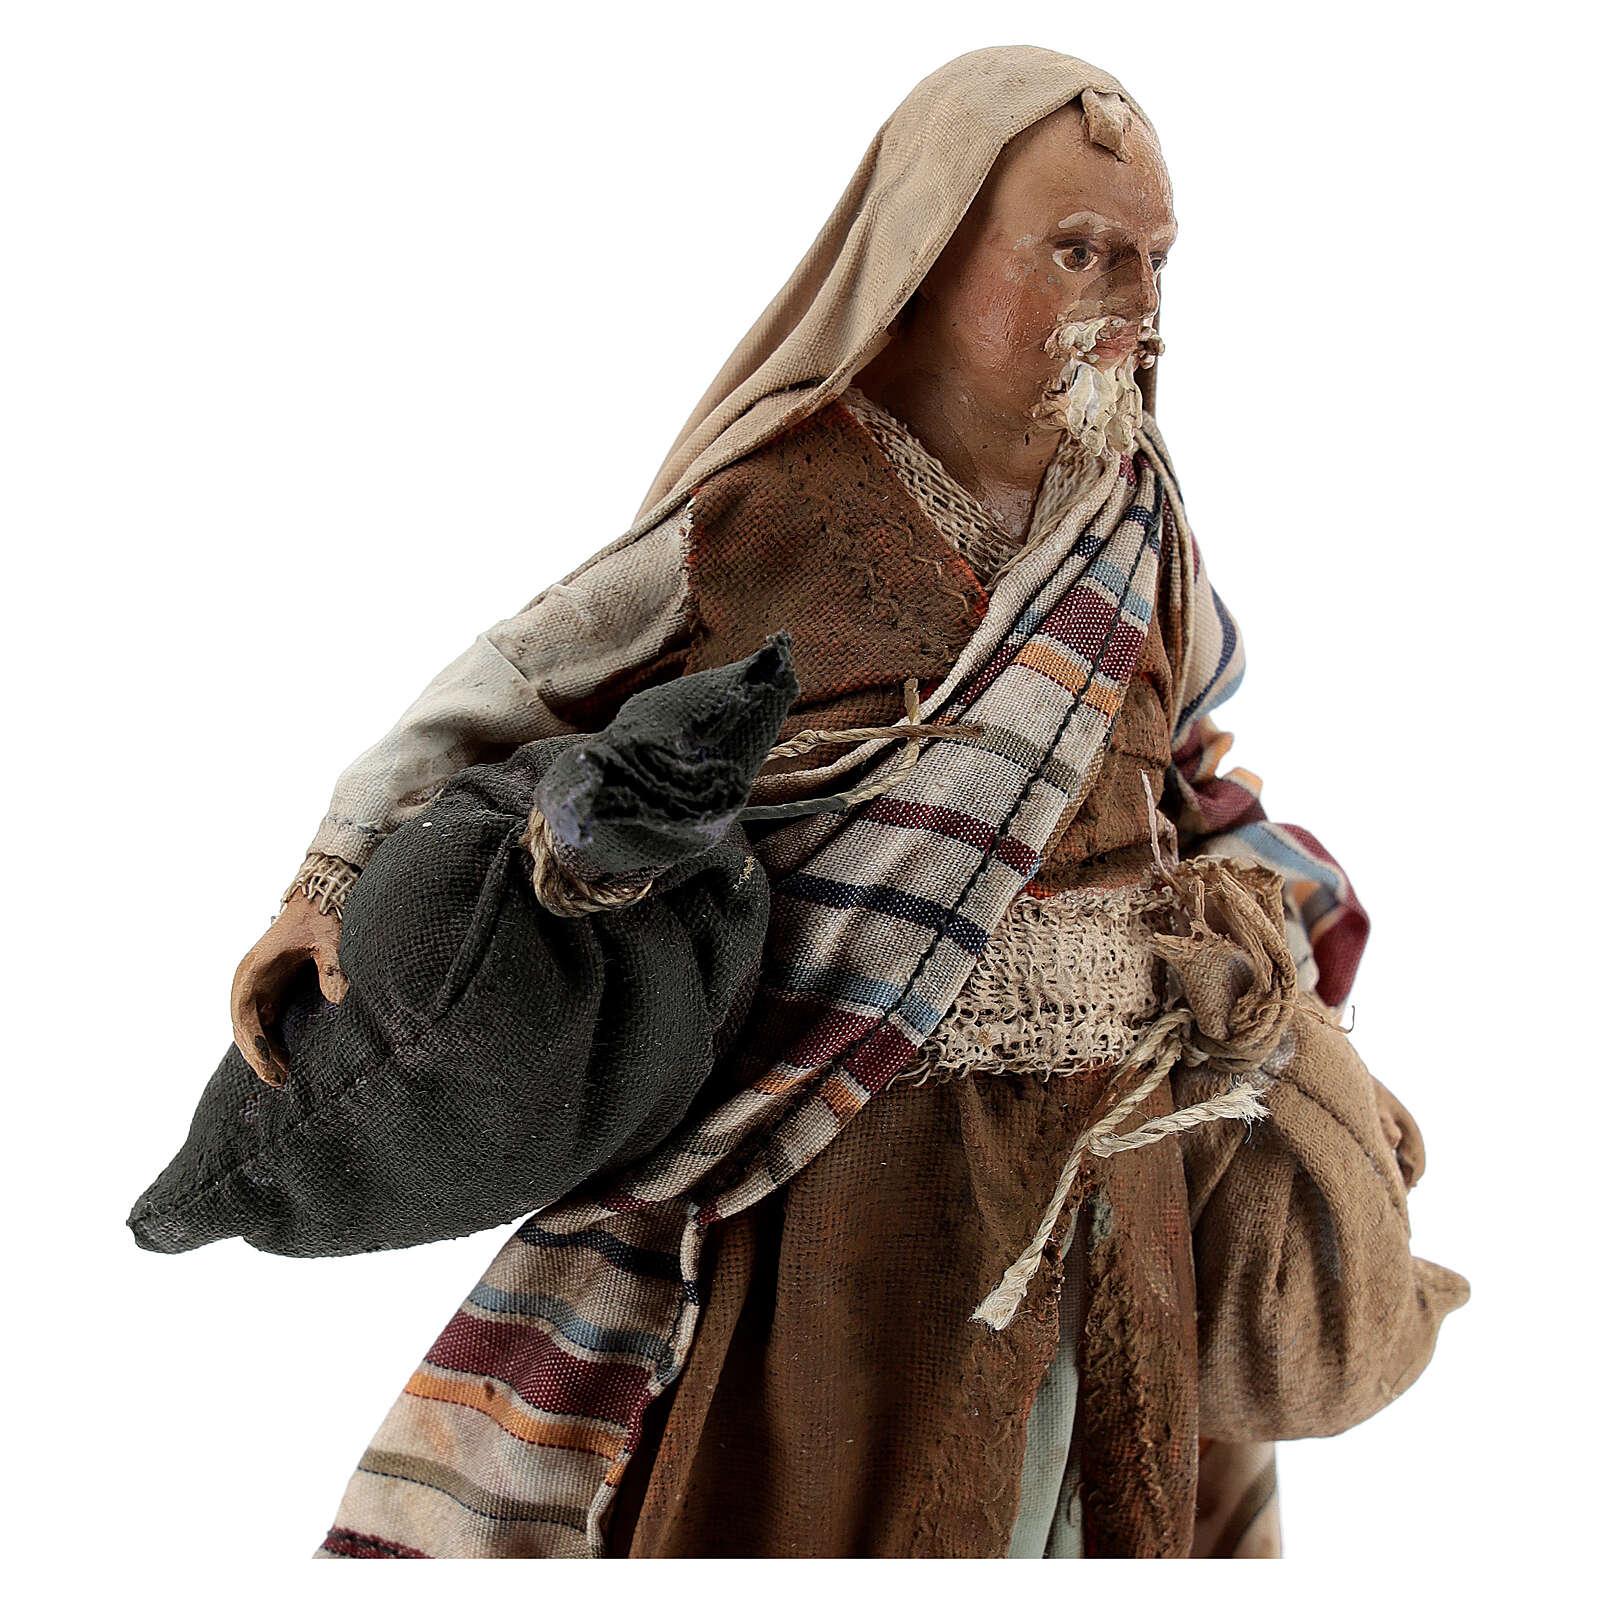 Homme aux sacs 13cm crèche Angela Tripi 4